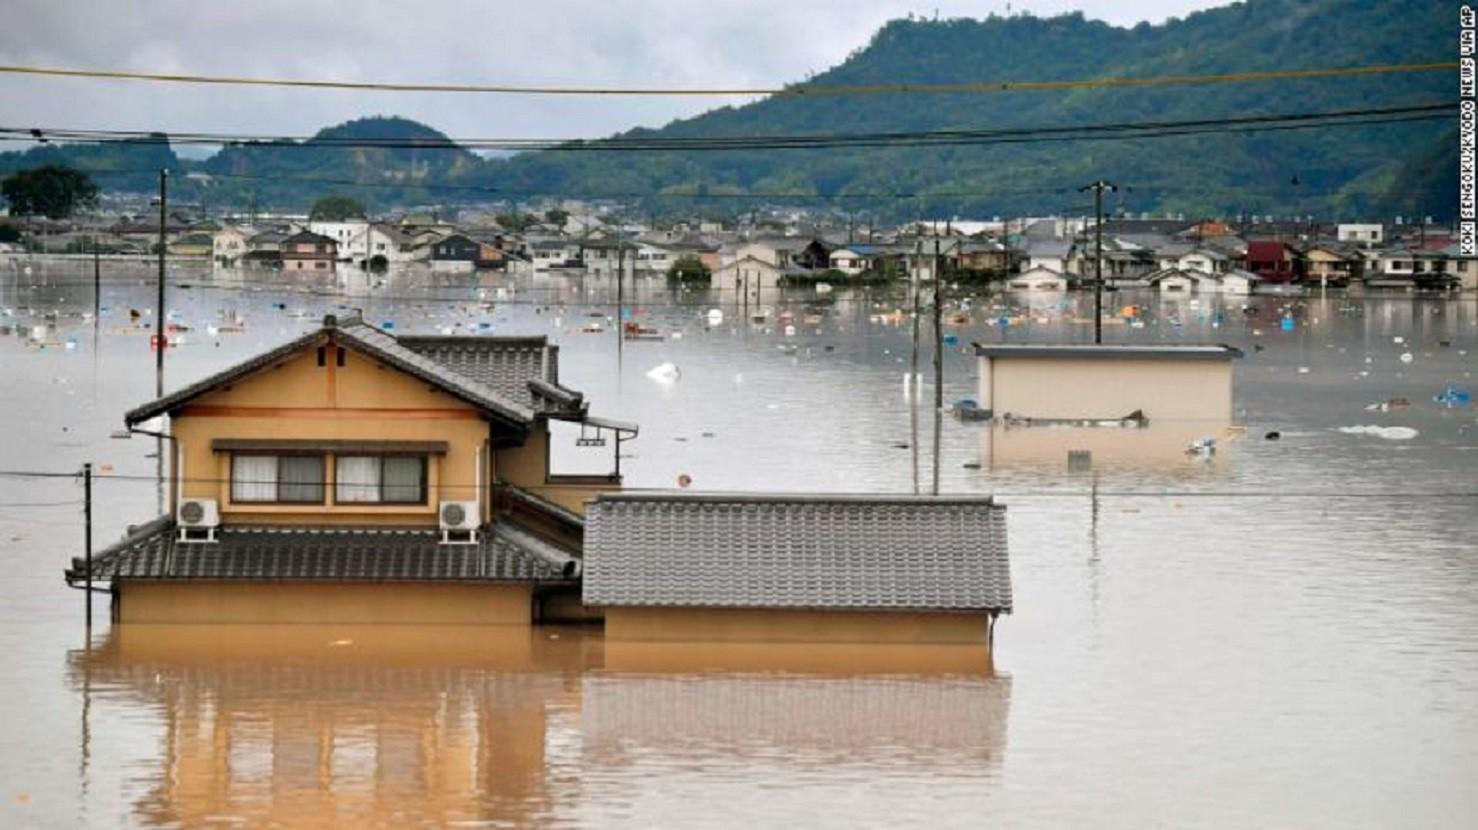 image-1 Японд буусан үерийн улмаас 122 хүн амиа алдаад байна